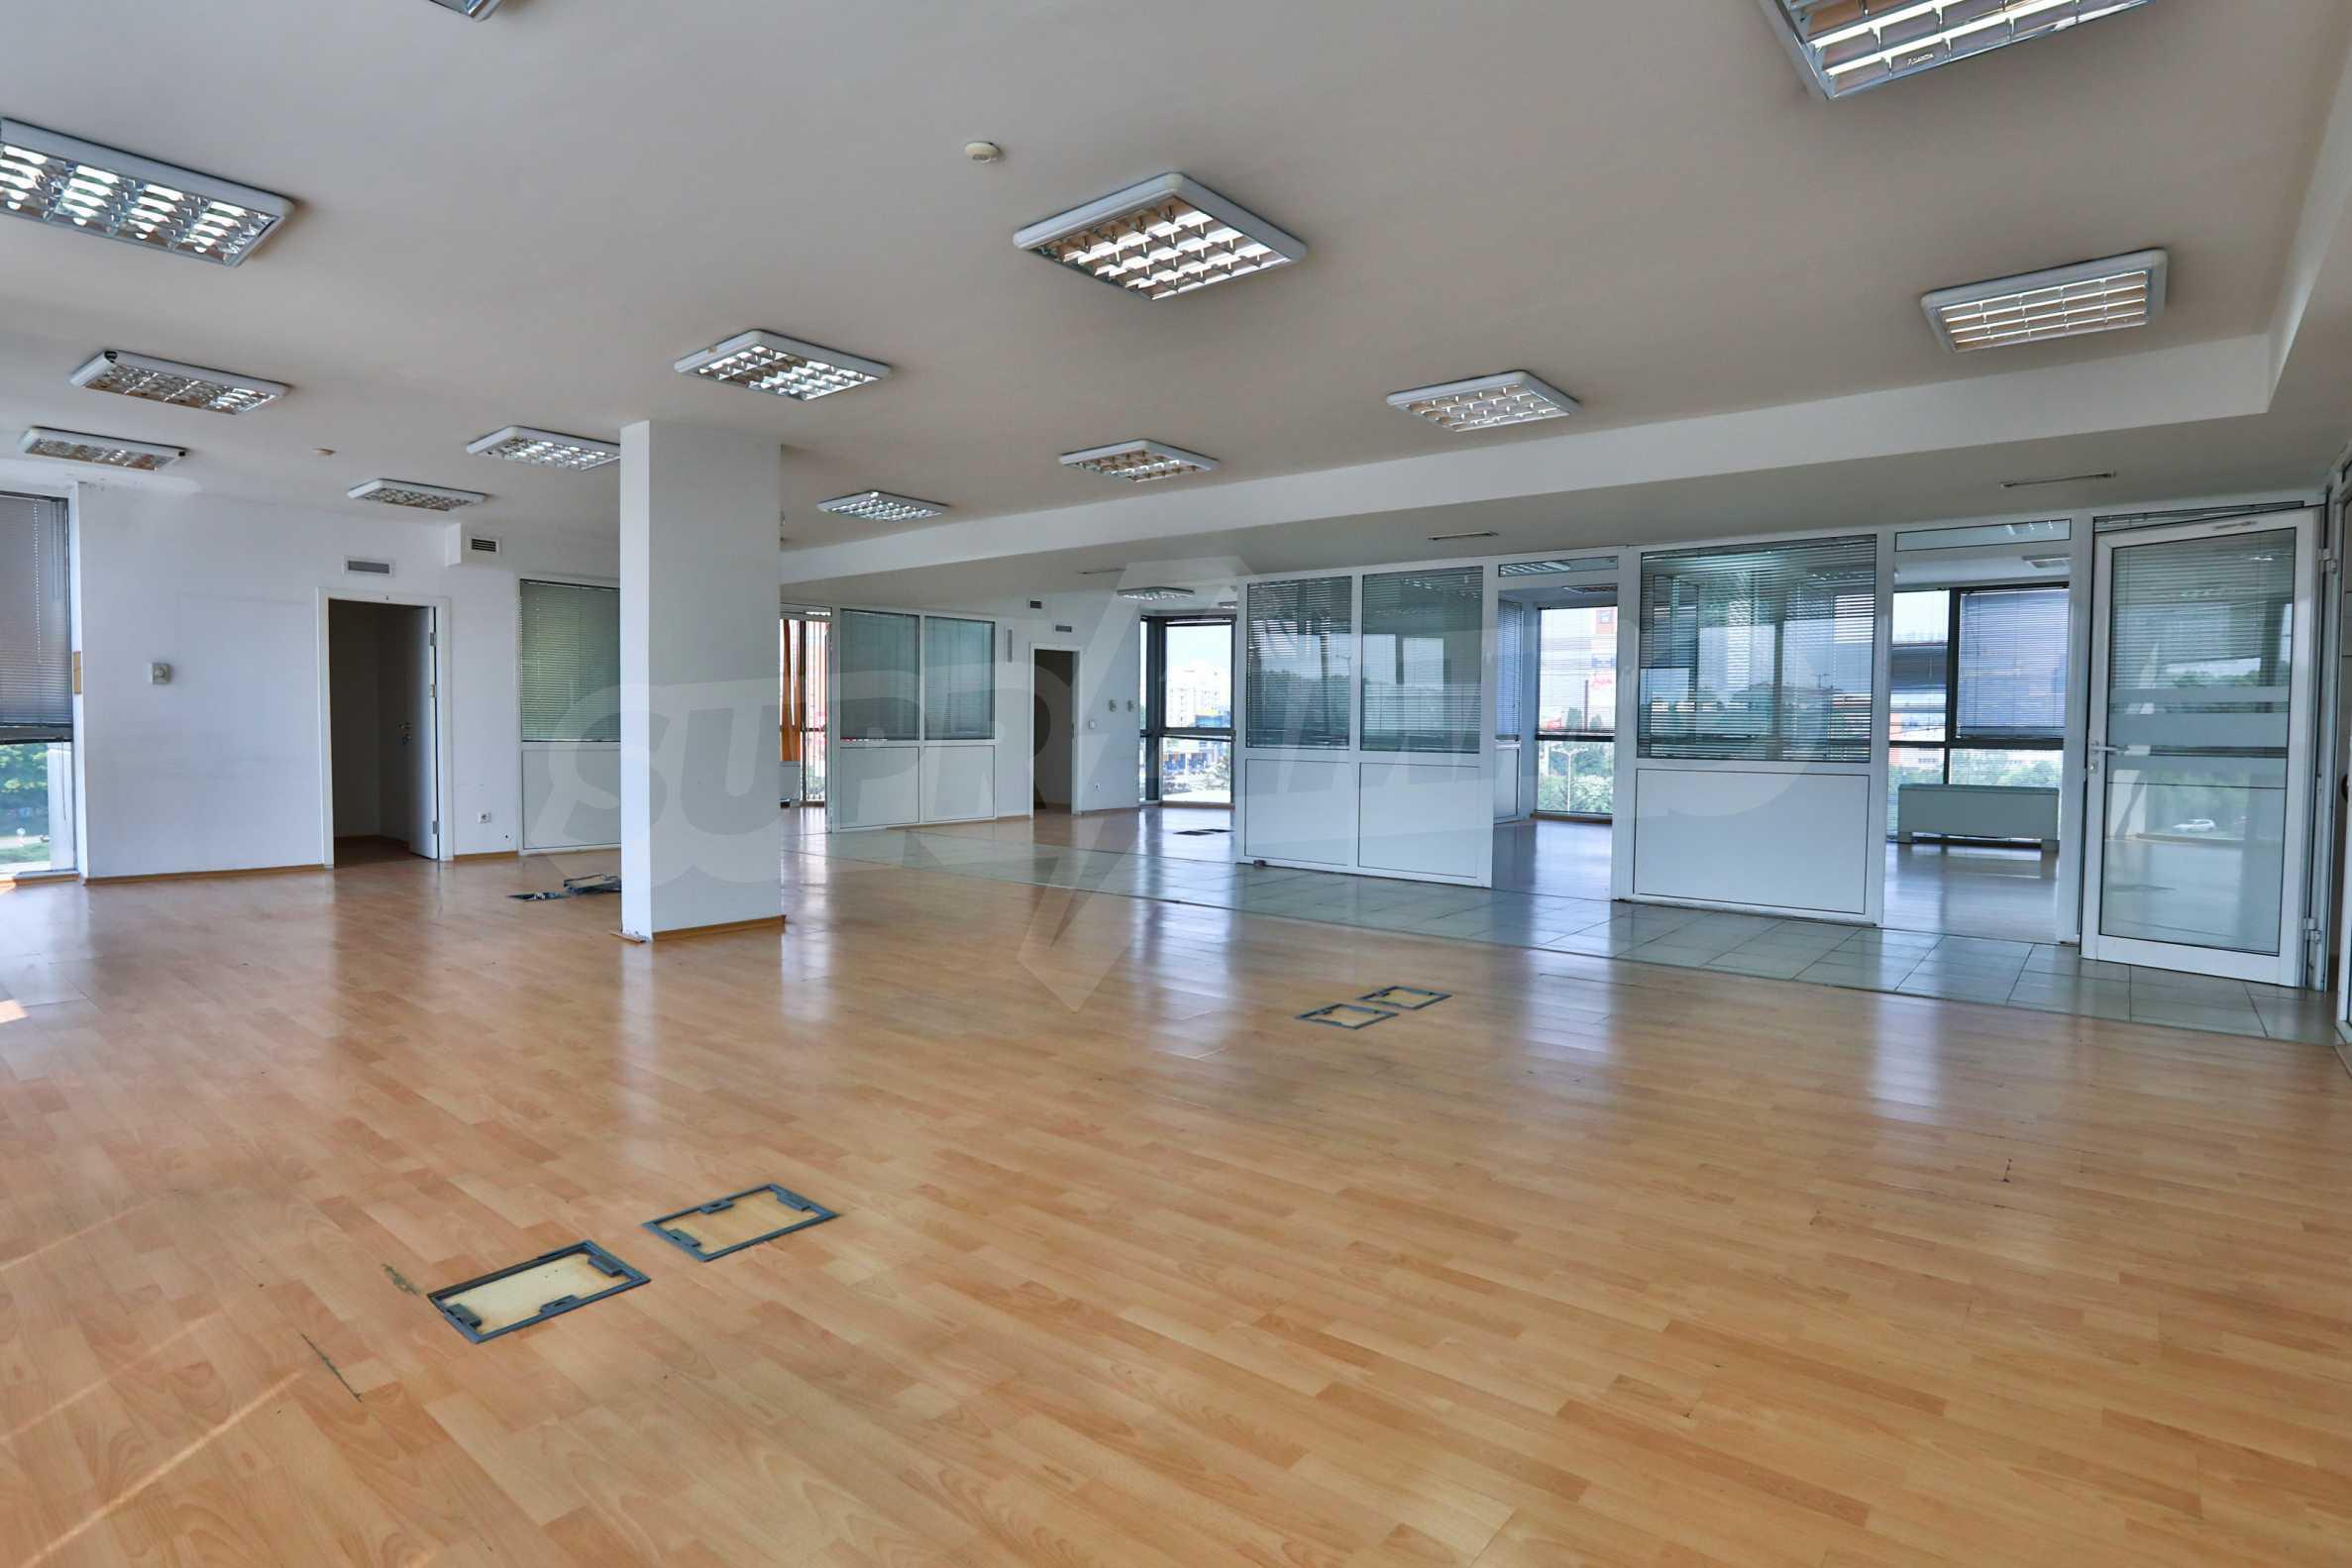 Площи тип open space в офис зоната на бул. Цариградско шосе 23